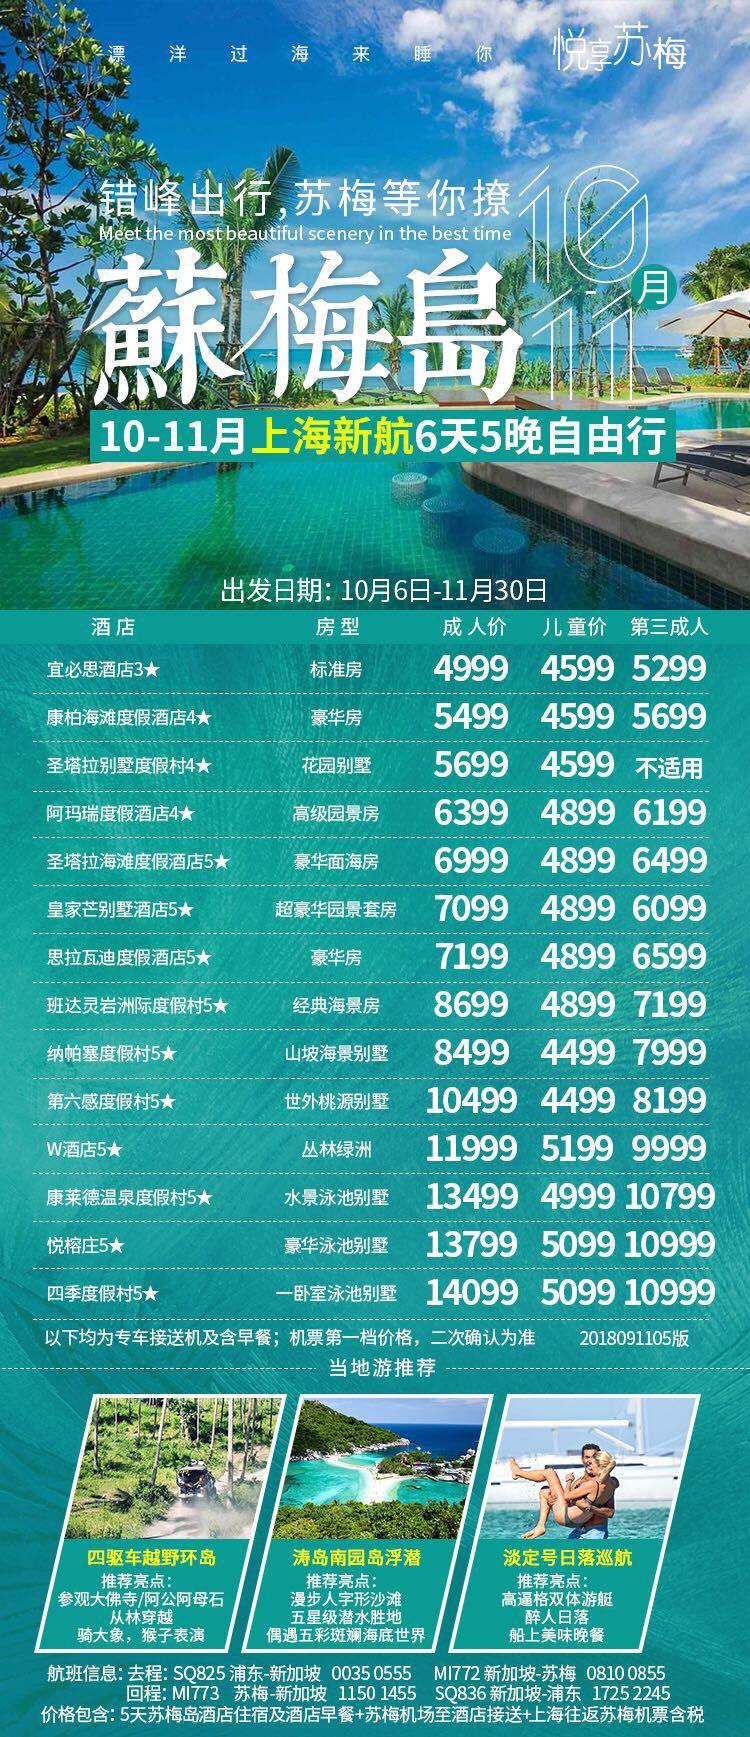 上海新航.jpg